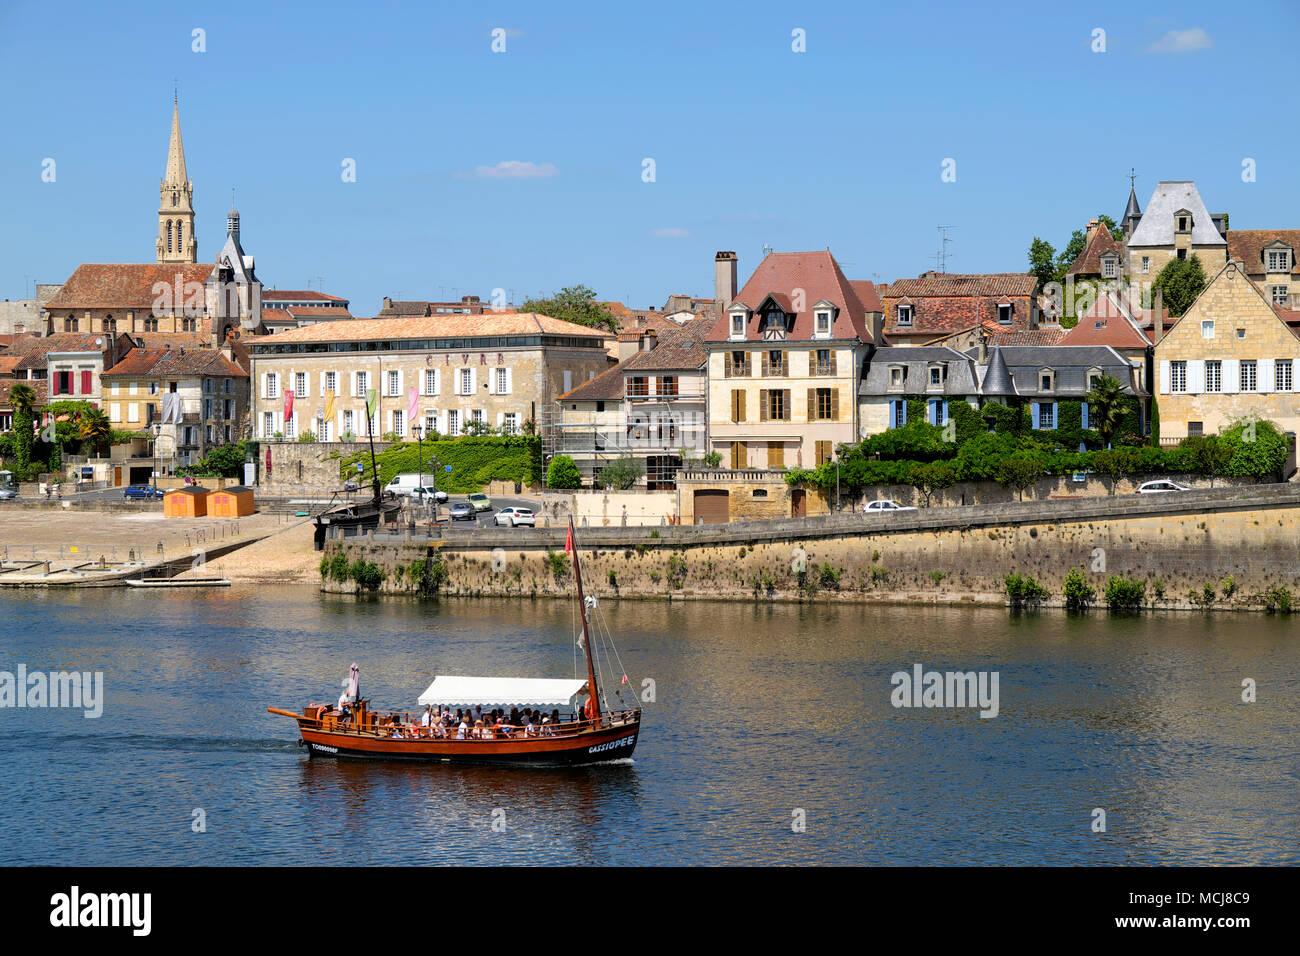 Traditionelle barge Bootsfahrt auf dem Fluss Dordogne, Bergerac, Nouvelle-Aquitaine, Frankreich Stockbild